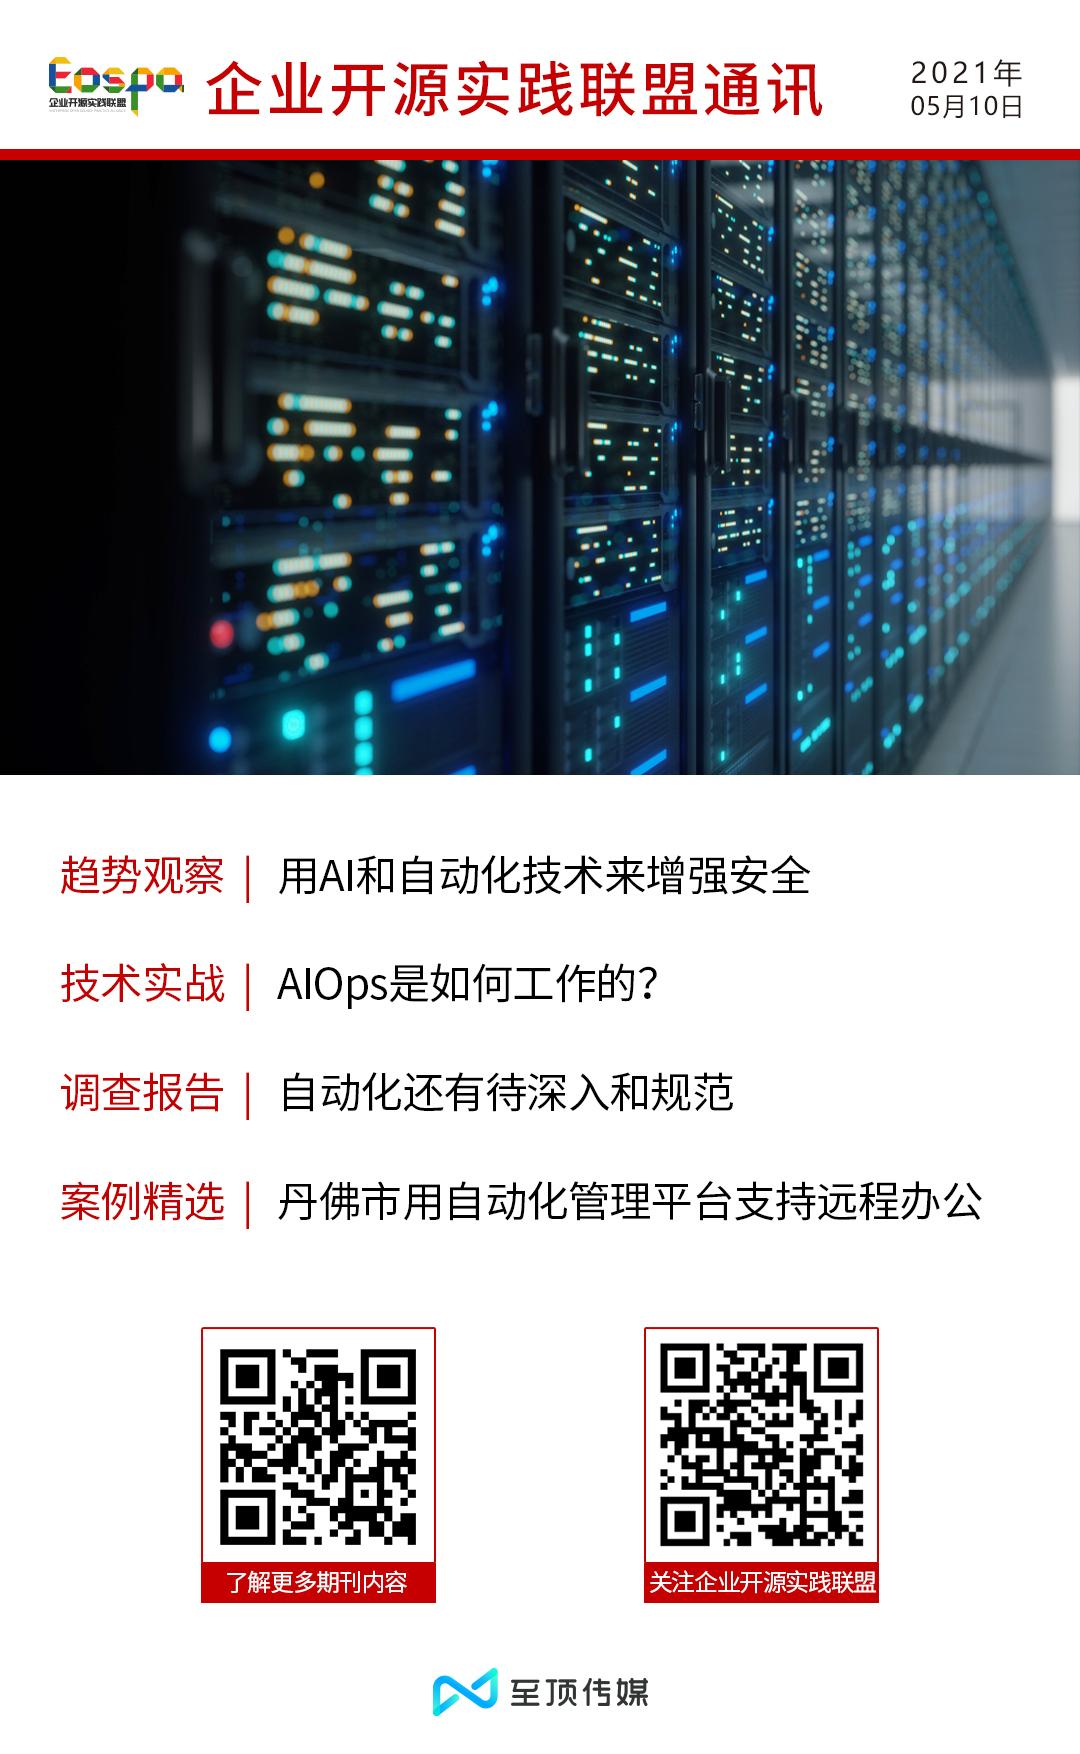 《企业开源实践联盟通讯》第十四期 - 至顶网